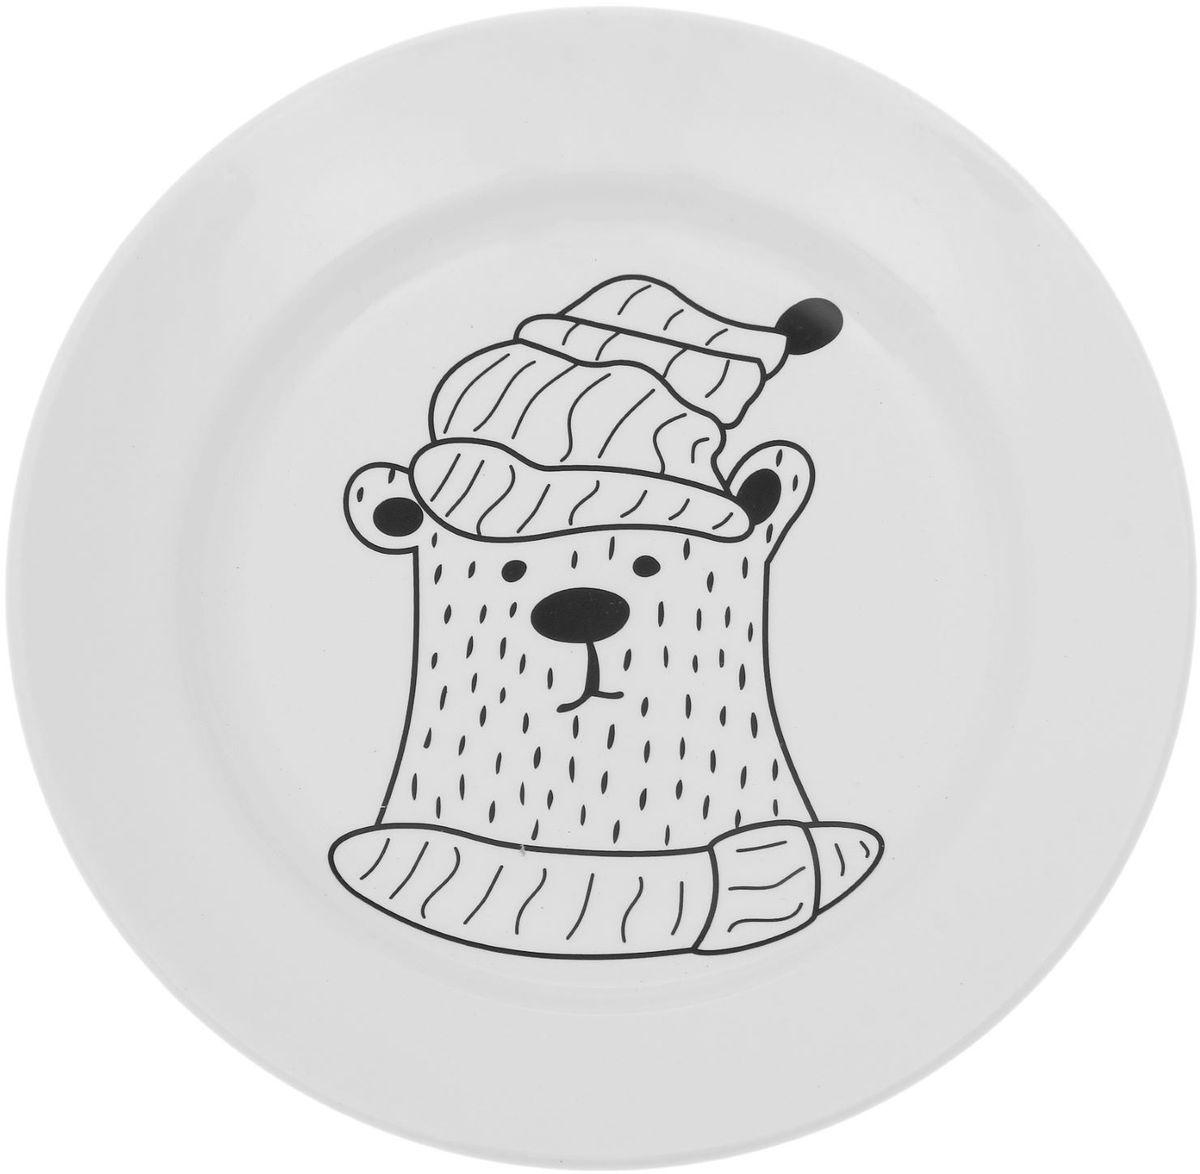 Тарелка мелкая Сотвори чудо Полярный мишка, диаметр 20 см1828181Хотите обновить интерьер кухни или гостиной? Устраиваете необычную фотосессию или тематический праздник? А может, просто ищете подарок для близкого человека? Посуда « Сотвори Чудо» — правильный выбор в любой ситуации. Её достоинства: изящный фаянс нежного сливочного цвета; стойкость краски; пригодность для посудомоечных машин.